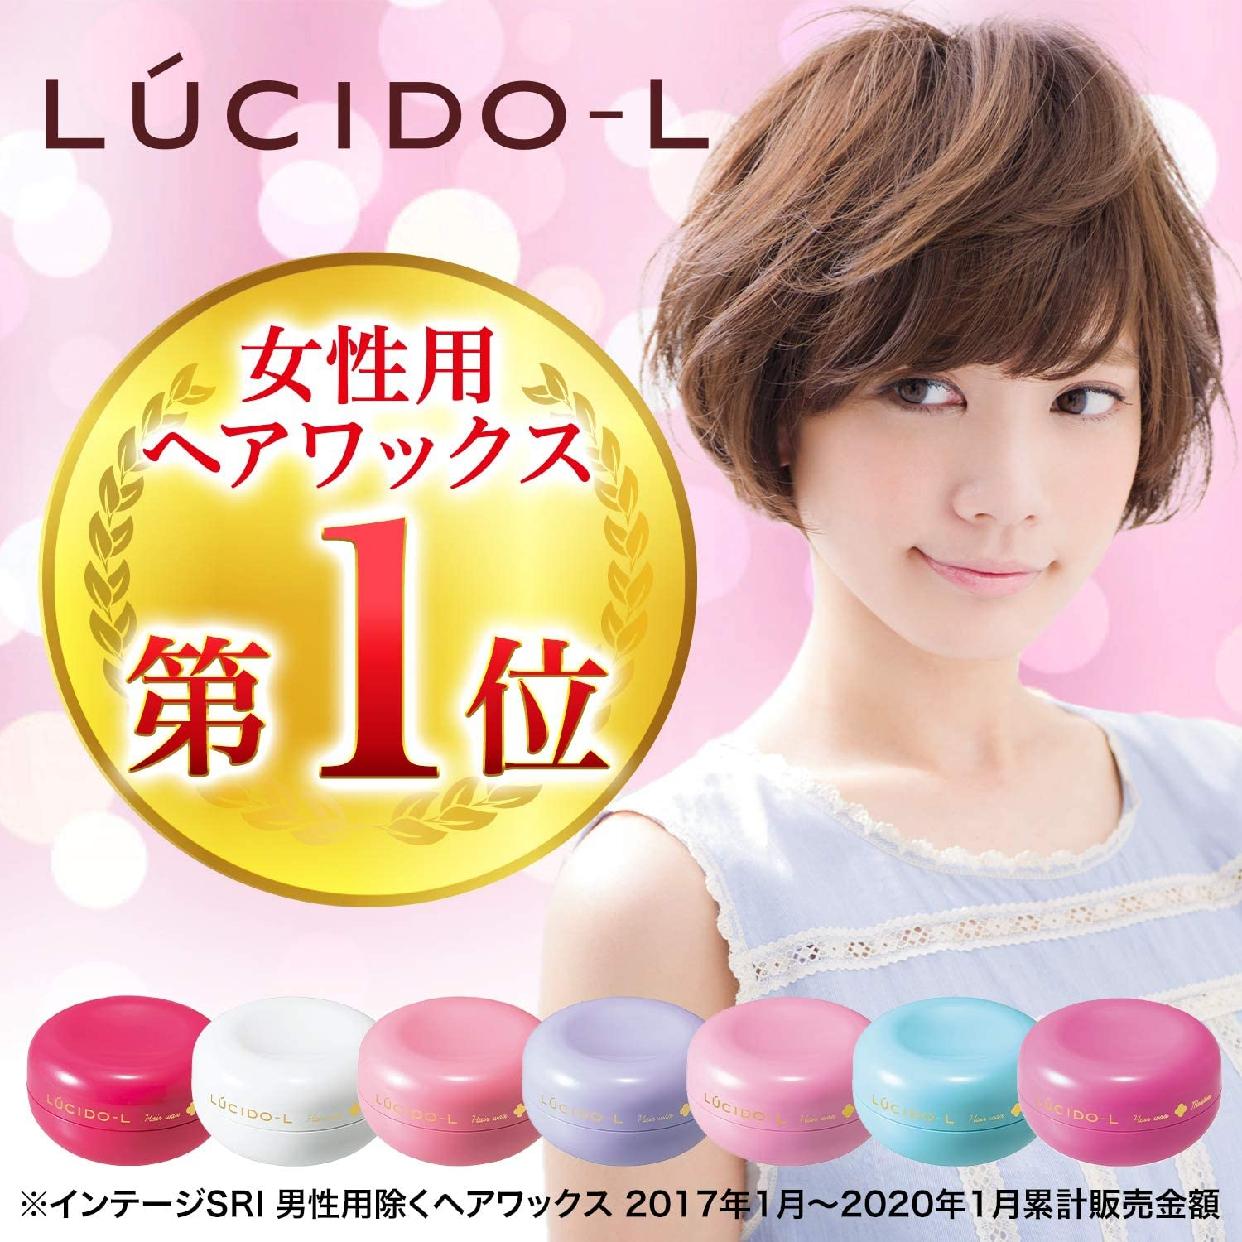 LUCIDO-L(ルシードエル)#ナチュラルメイクワックスの商品画像2